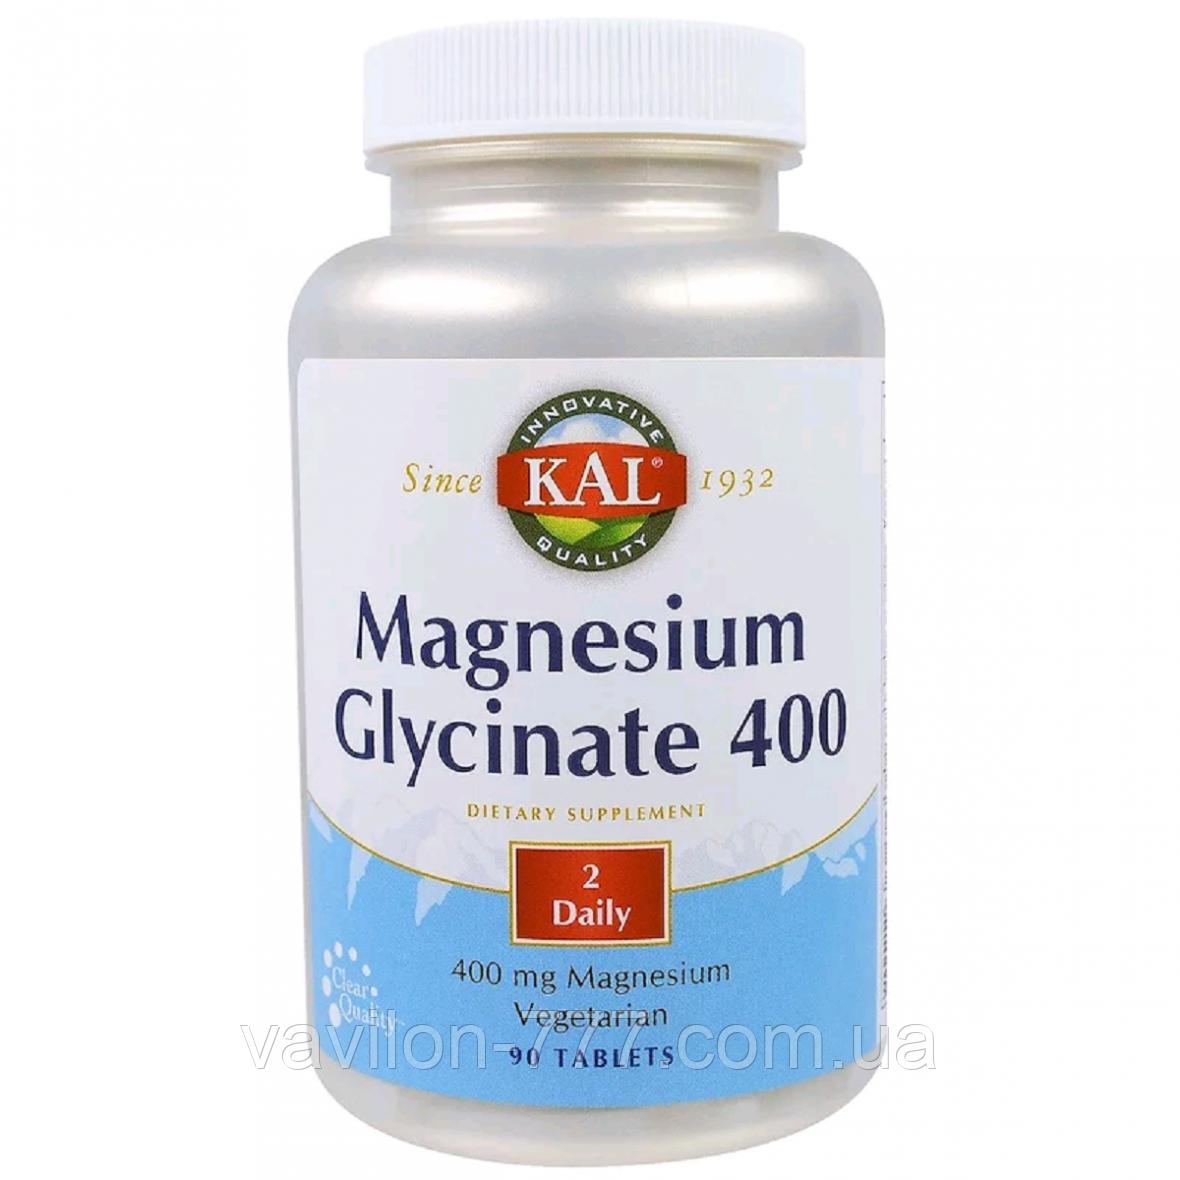 Магний глицинат 400, 400 мг, 180 таблеток